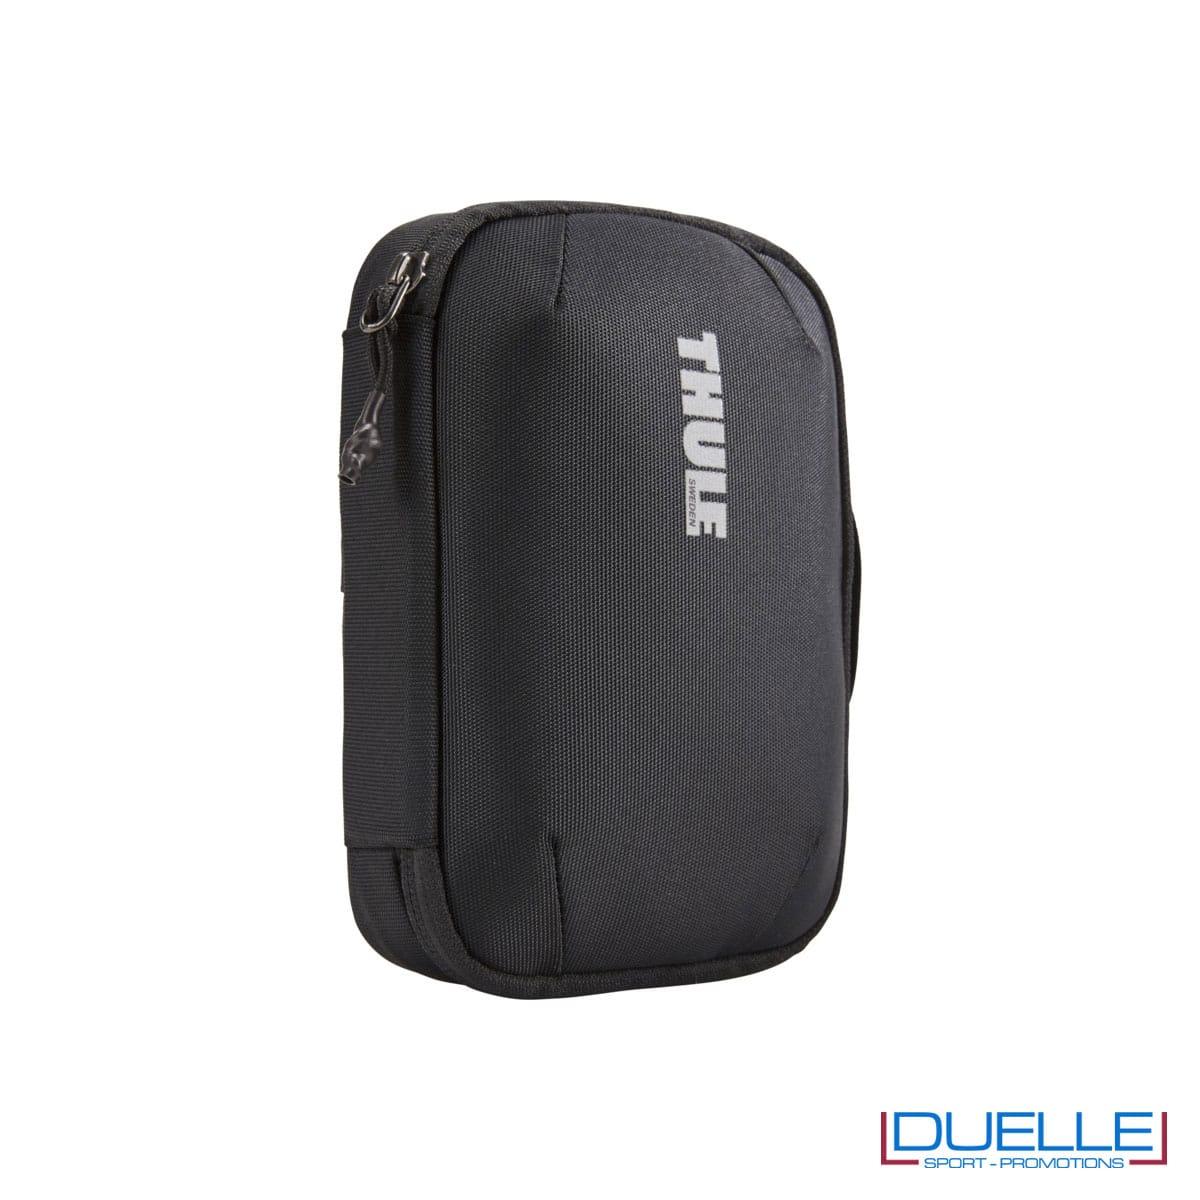 Custodia da viaggio Thule per cavi, accessori e dispositivi elettronici